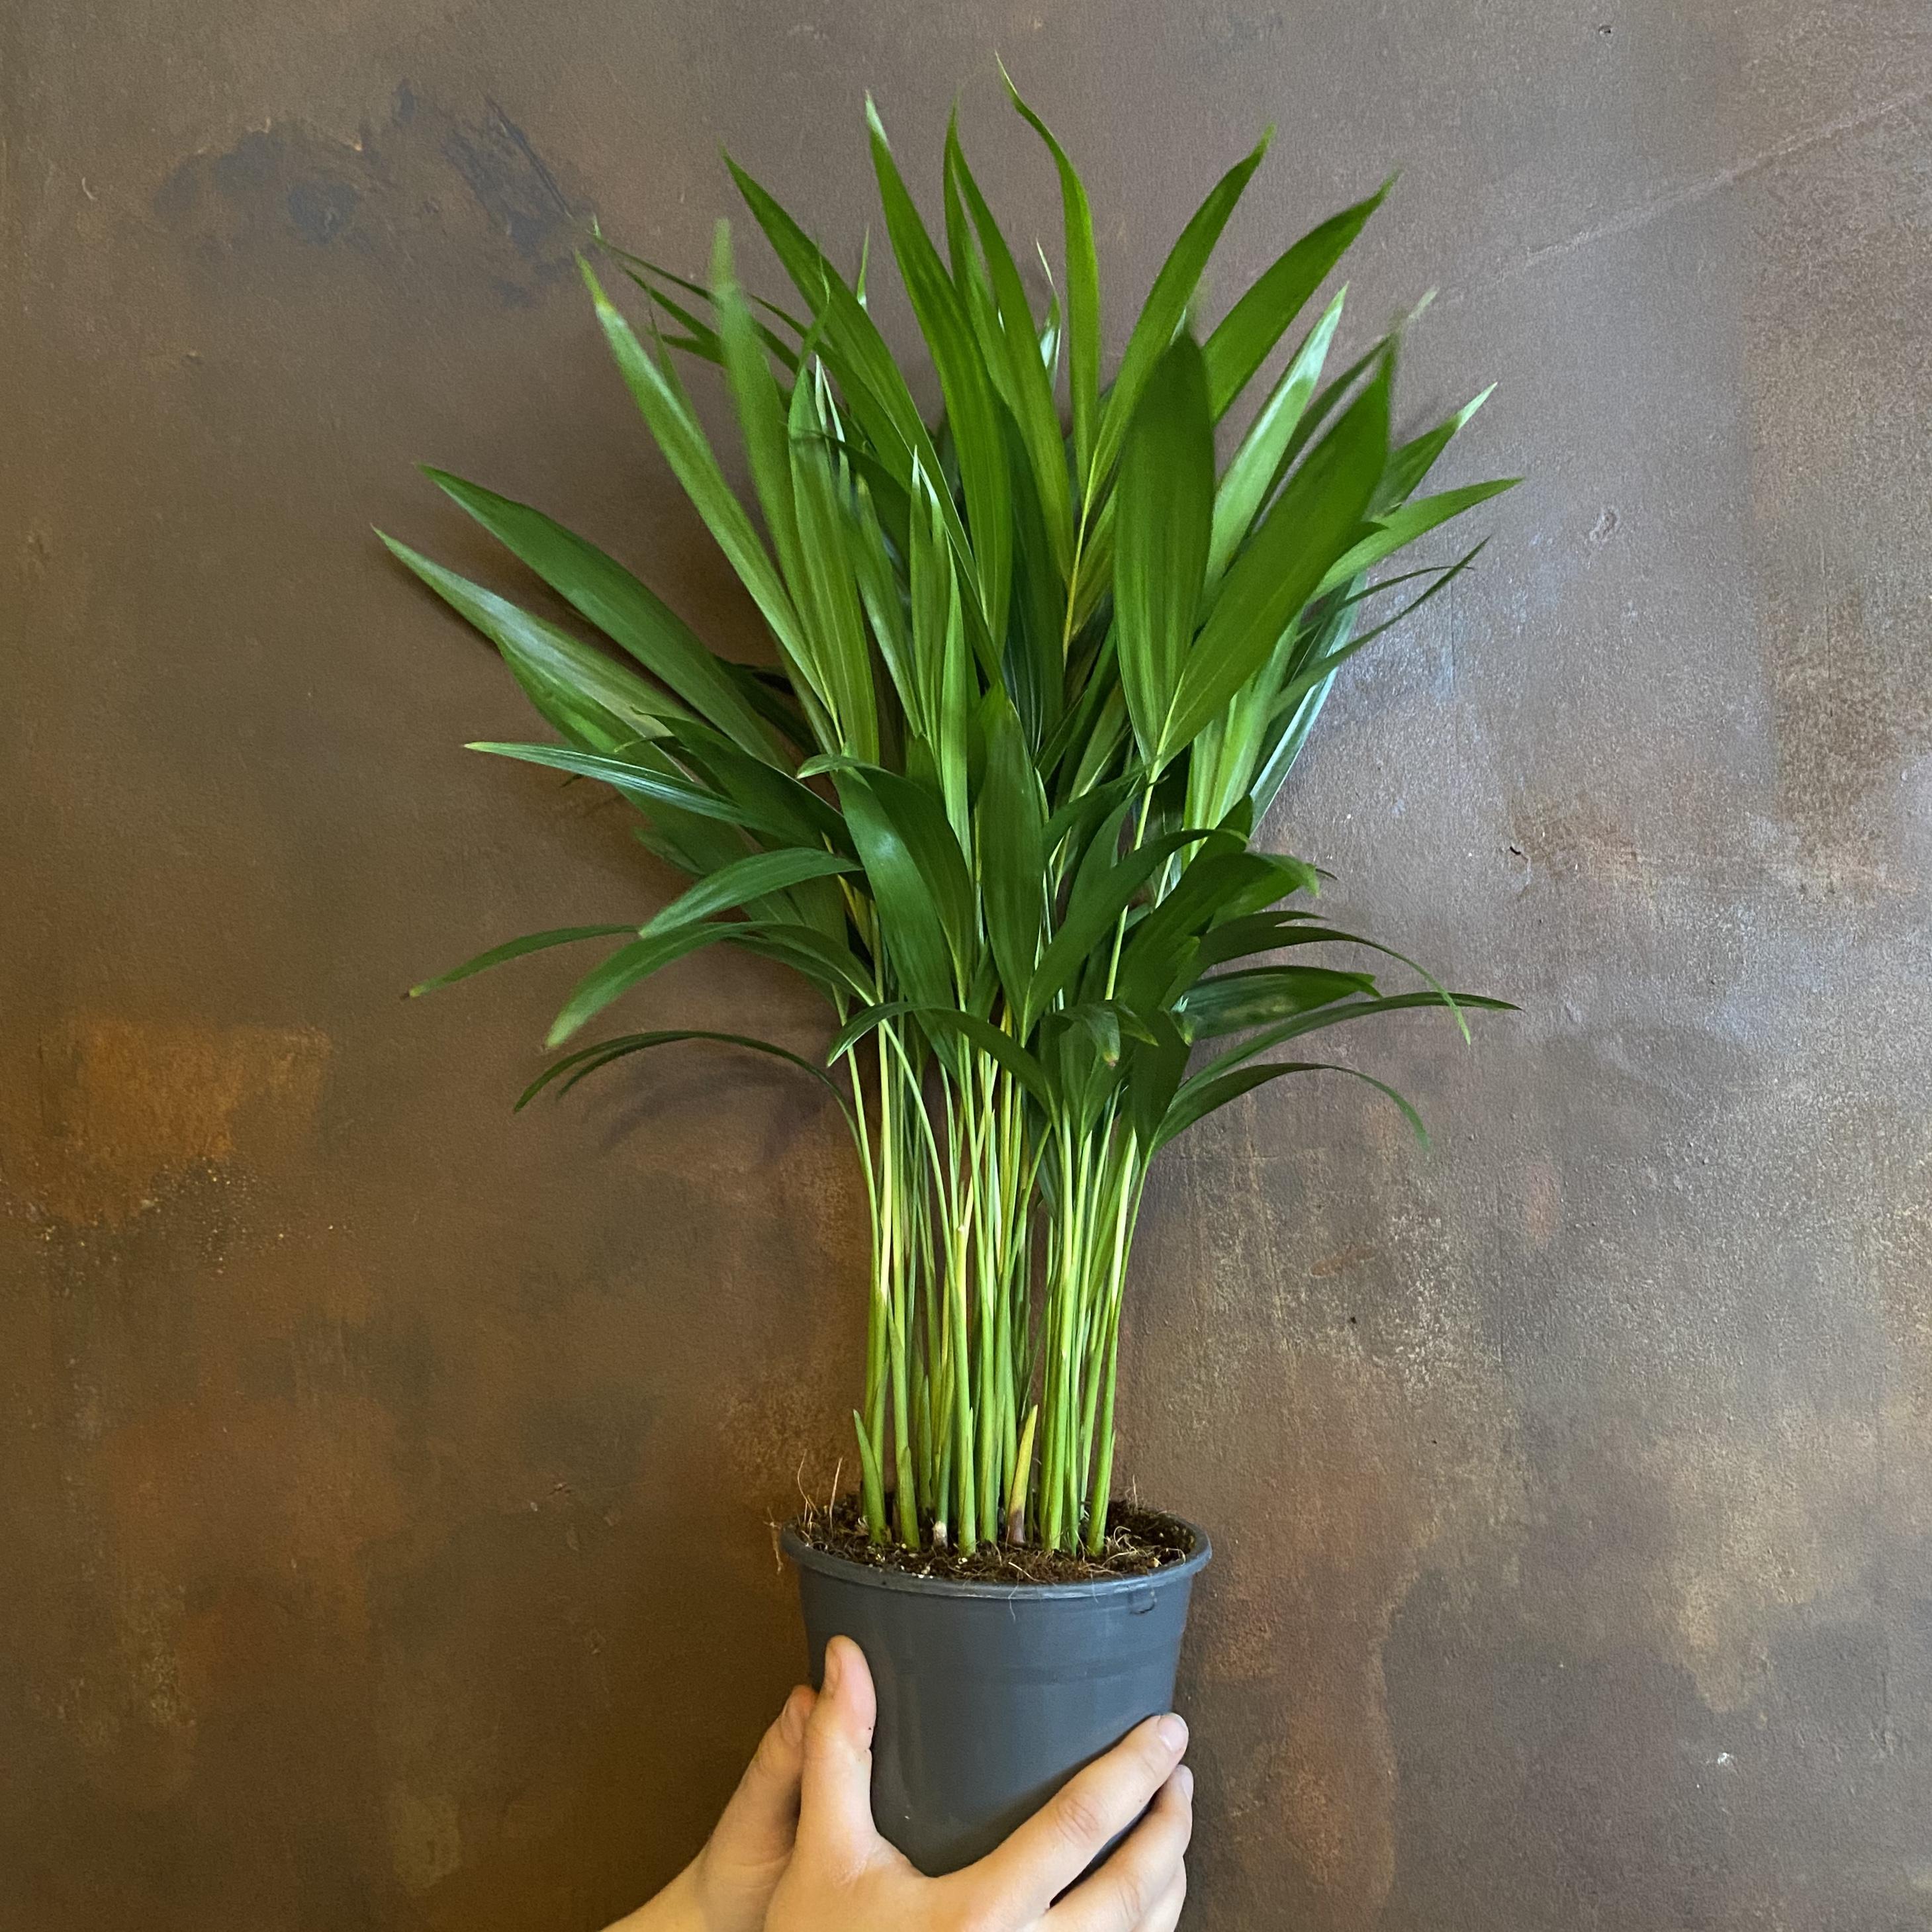 Dypsis lutescens (14cm pot)